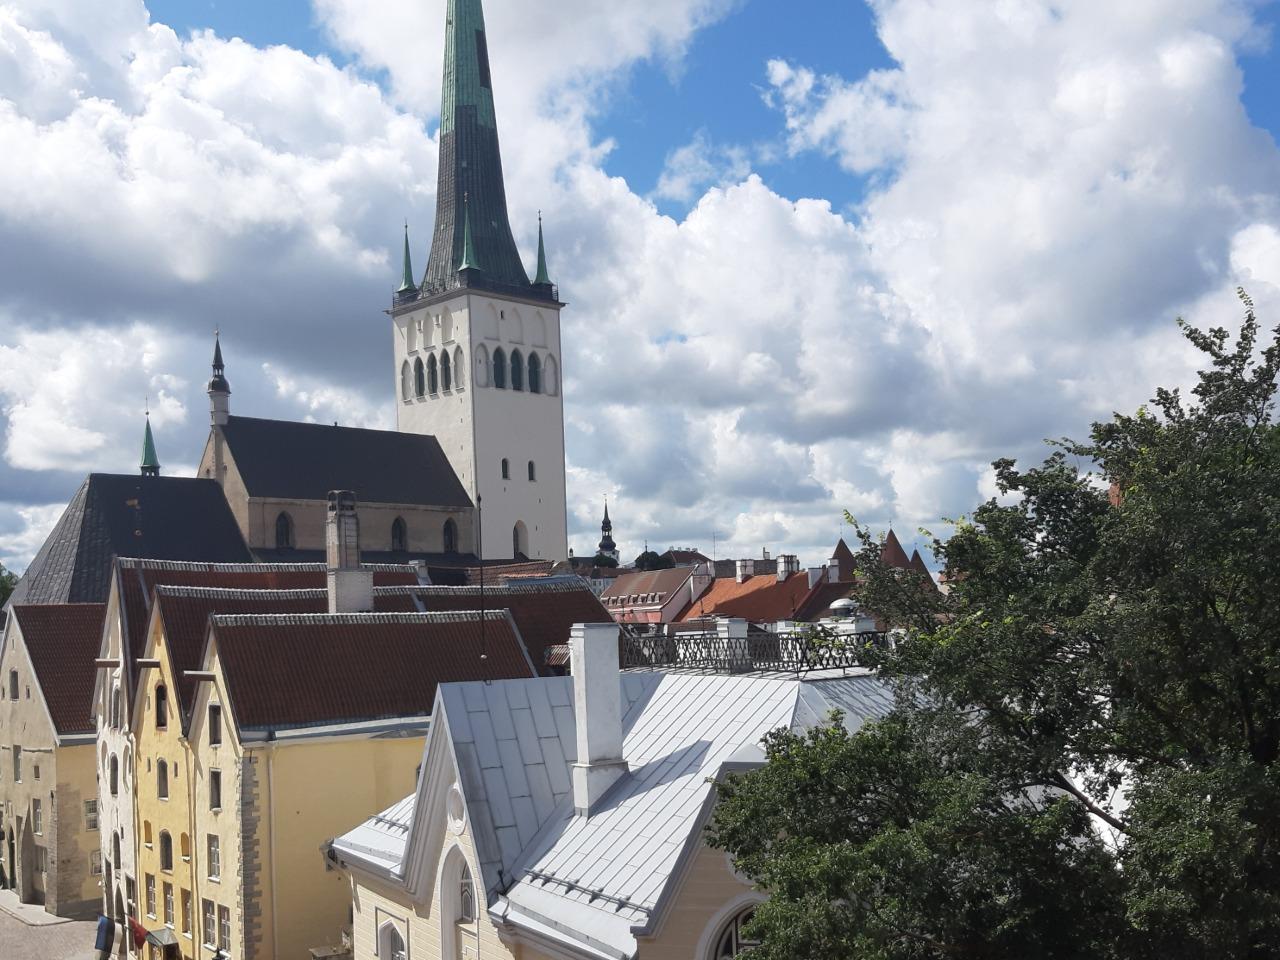 Таллин — средневековая столица Европы - индивидуальная экскурсия в Таллине от опытного гида